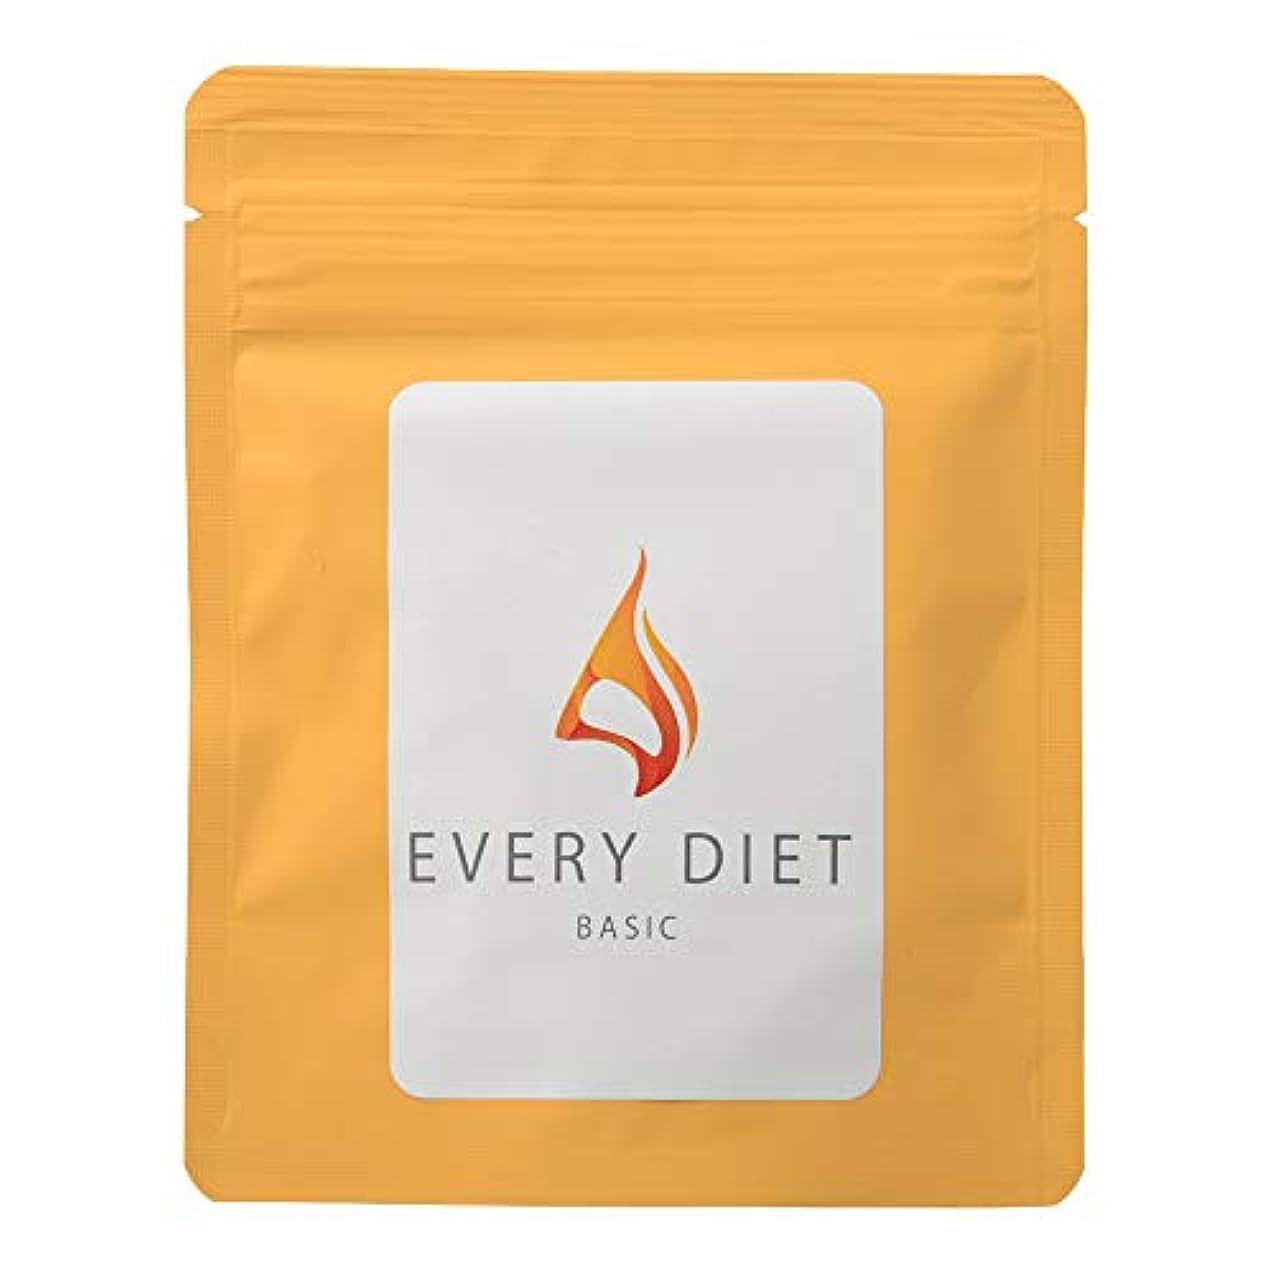 カウンターパート製品弁護士Every Diet Basic (エブリダイエット ベーシック) ダイエット サプリメント [内容量60粒/ 説明書付き]